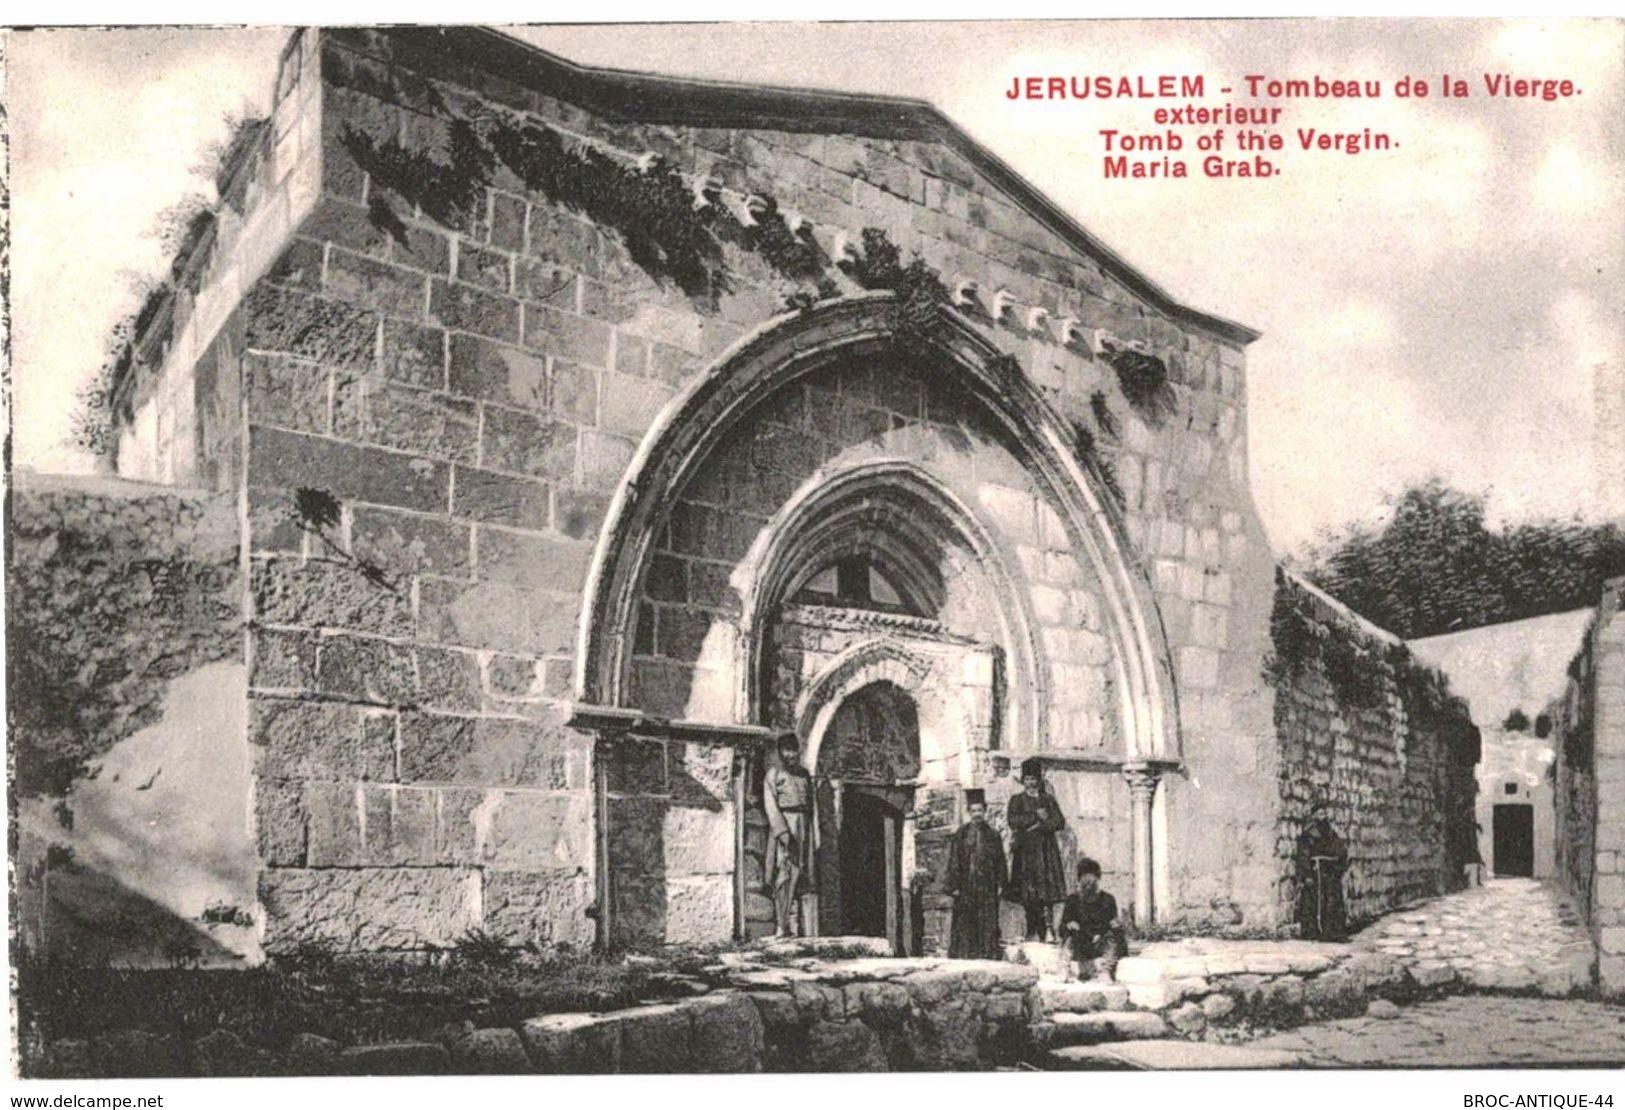 CPA N°21136 - LOT DE 5 CARTES DE JERUSALEM - TOMBEAU OU CHAPELLE DE LA VIERGE + VALLEE DE JOSAPHAT - Palästina